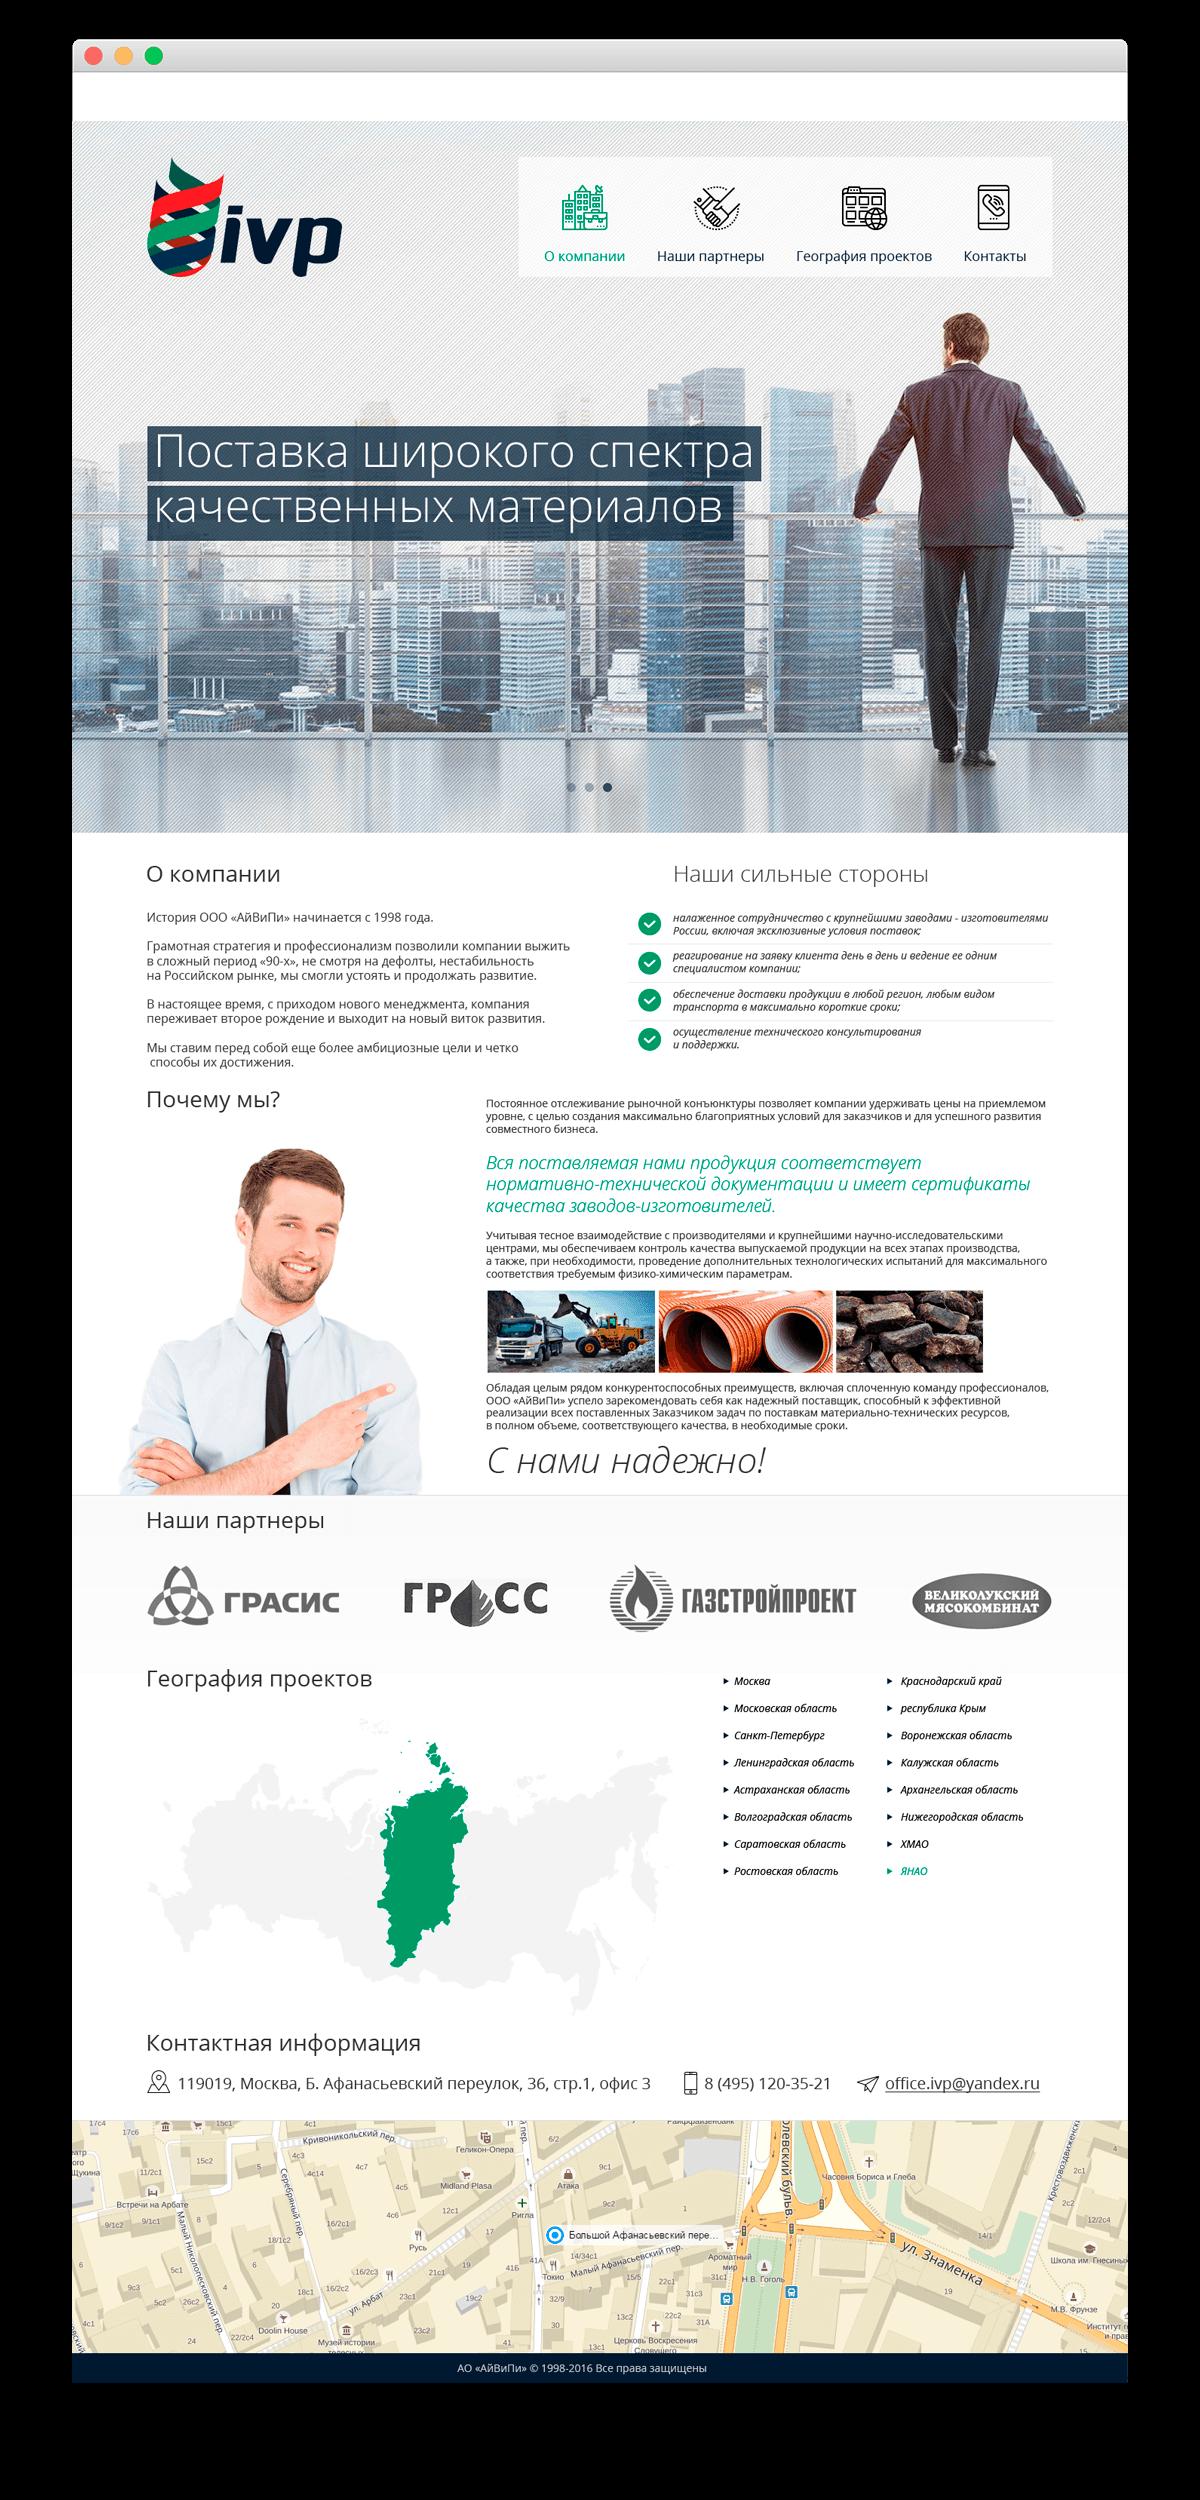 IVP Web Site